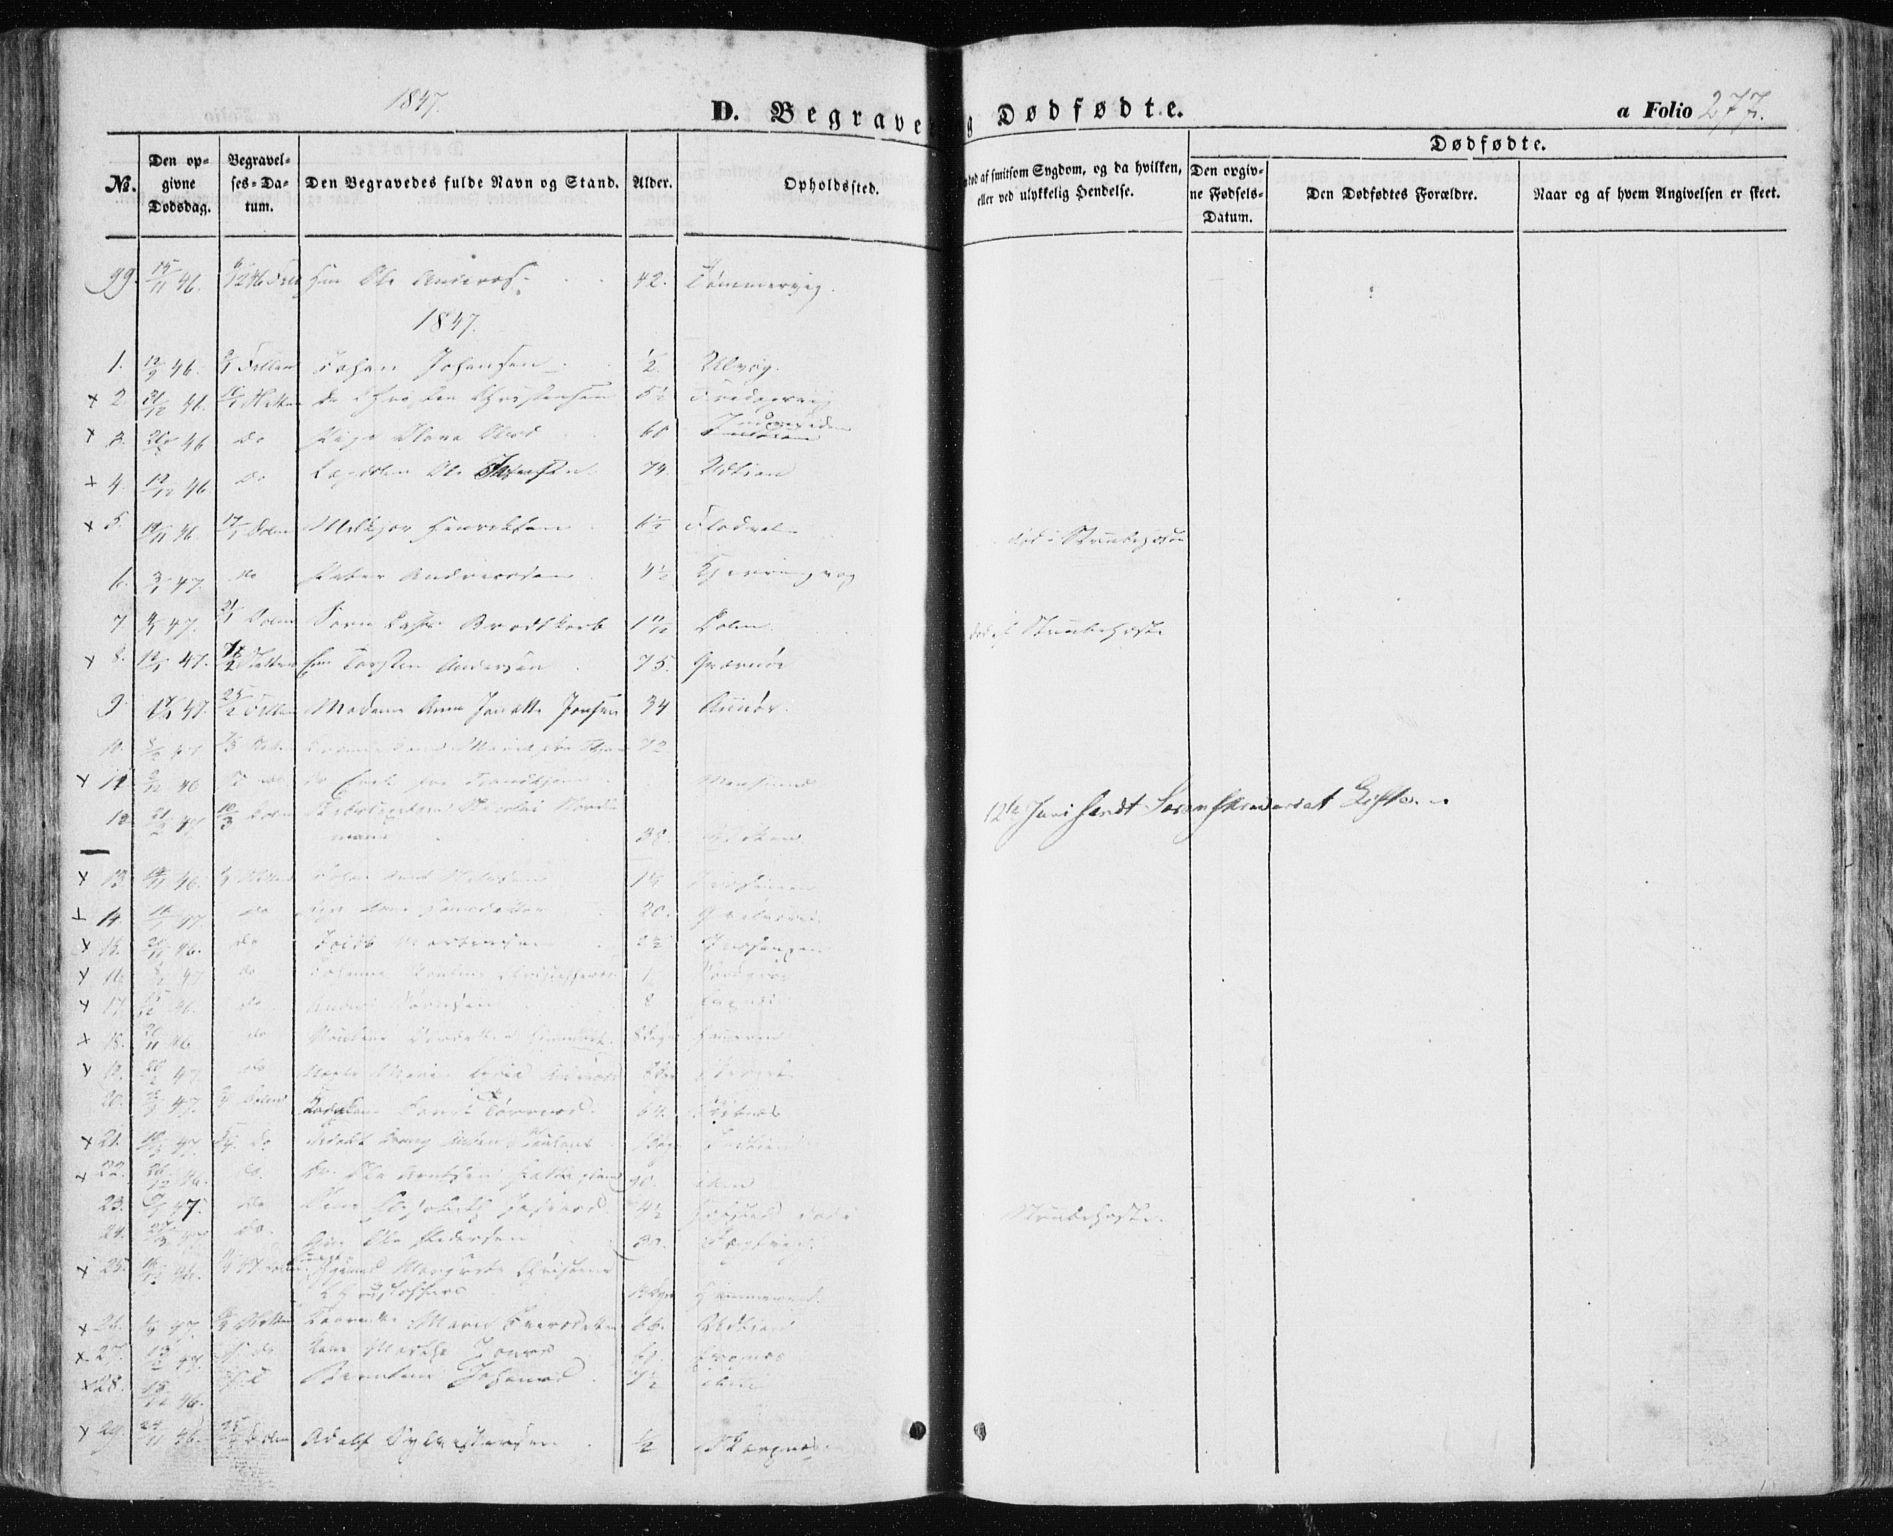 SAT, Ministerialprotokoller, klokkerbøker og fødselsregistre - Sør-Trøndelag, 634/L0529: Ministerialbok nr. 634A05, 1843-1851, s. 277